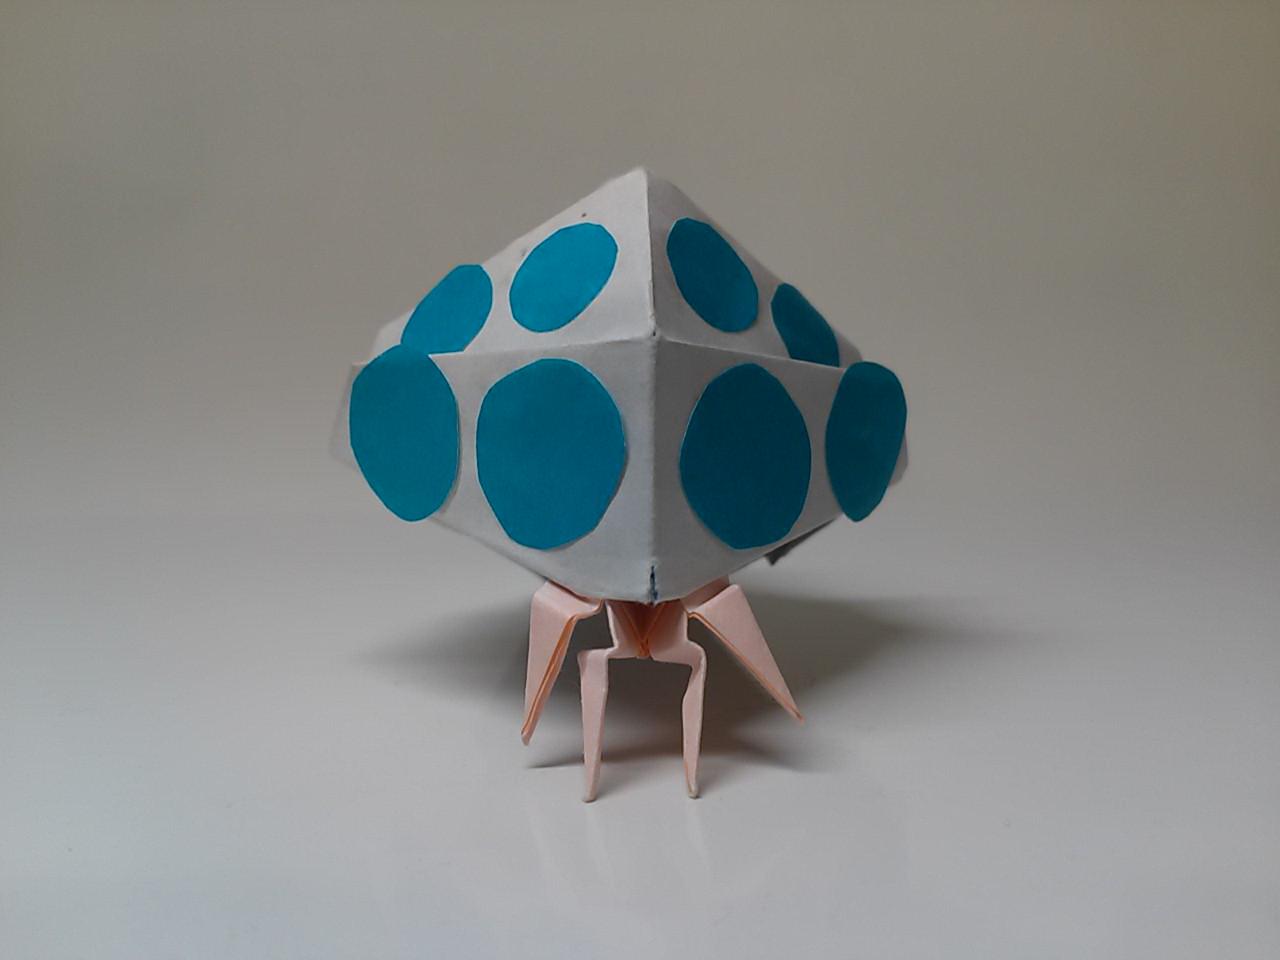 すべての折り紙 折り紙 飾り付け : 創作 折り紙 キャラクター 王蟲 ...